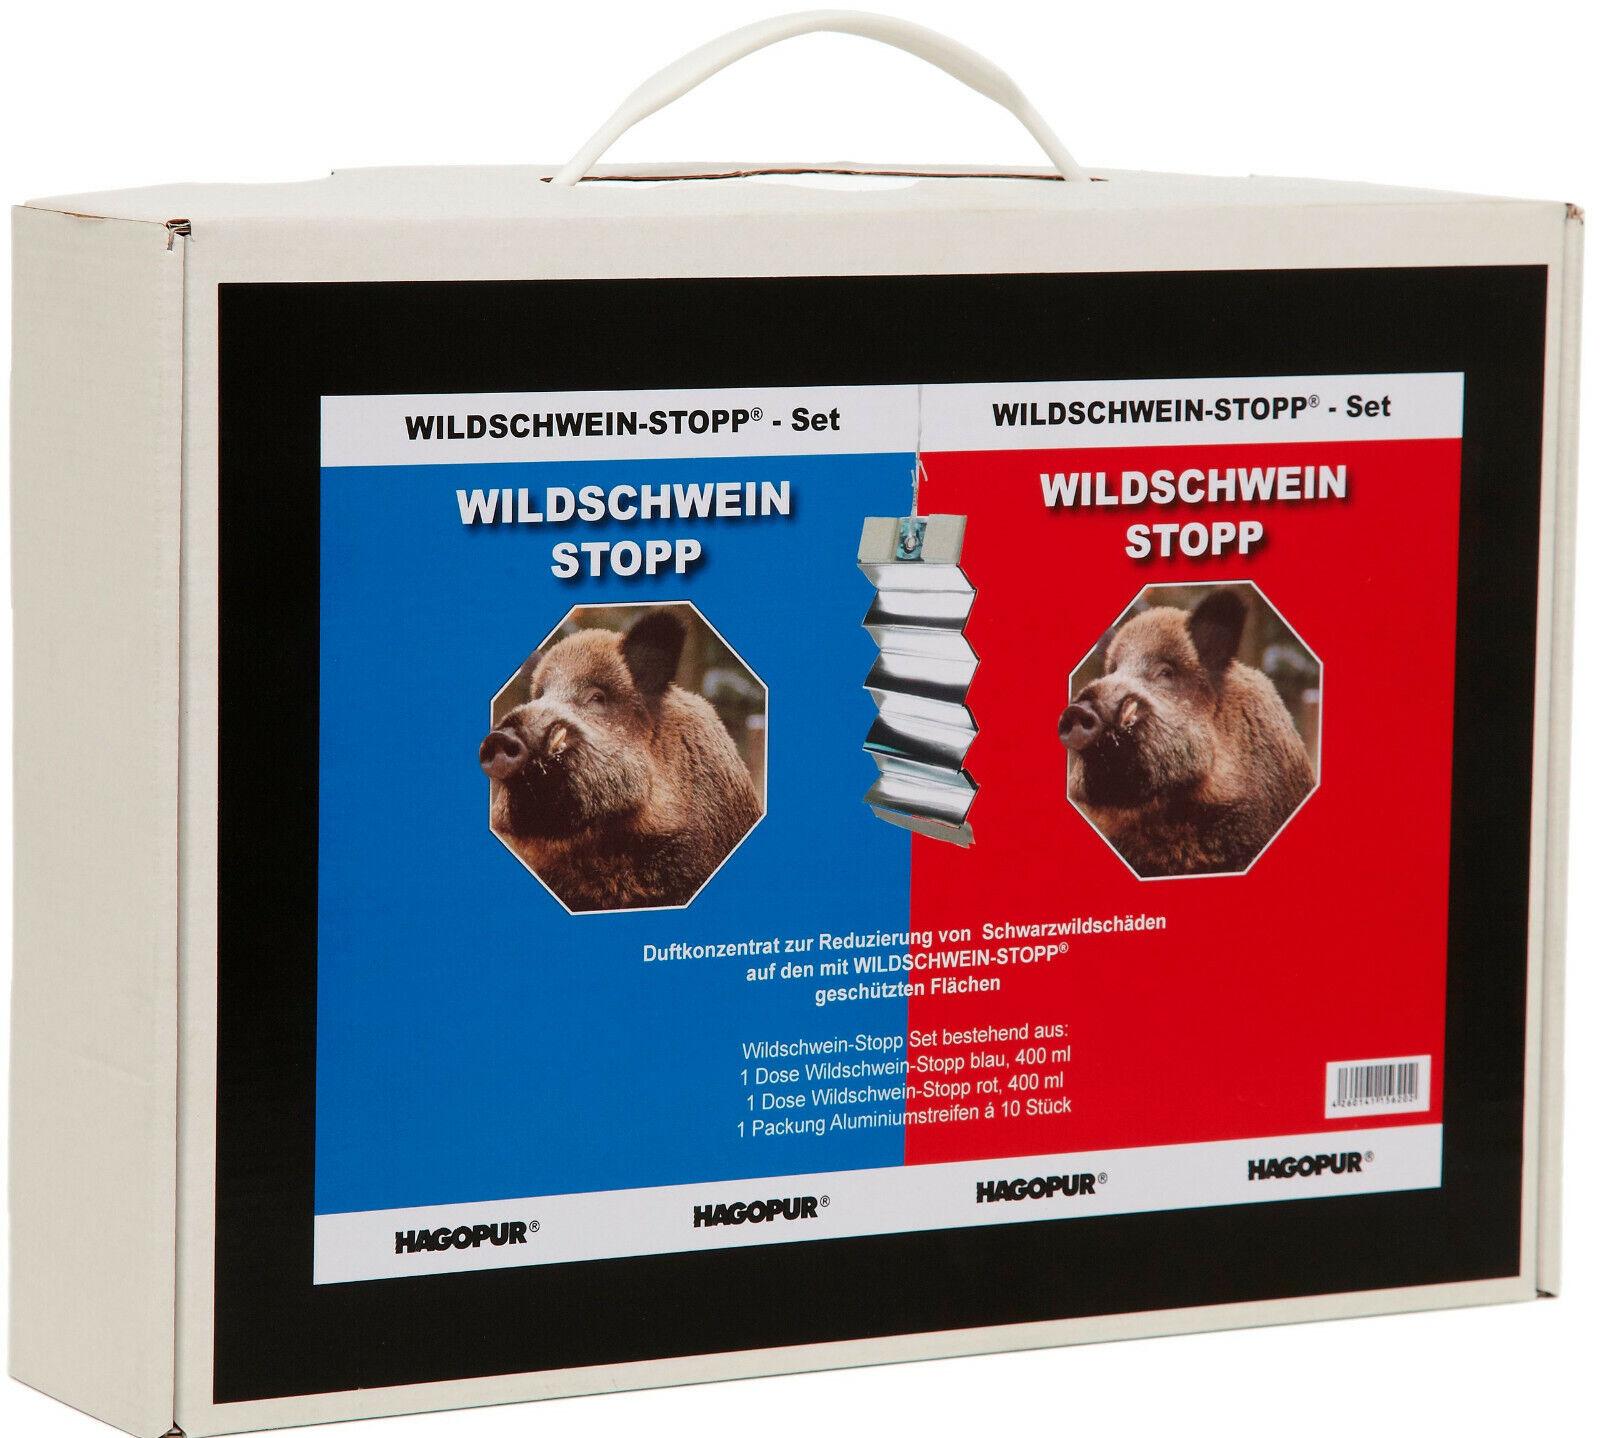 Wildschwein STOPP Set Set Set vergrämen von Schwarzwild Wildschadenverhütung H-260 4312bd